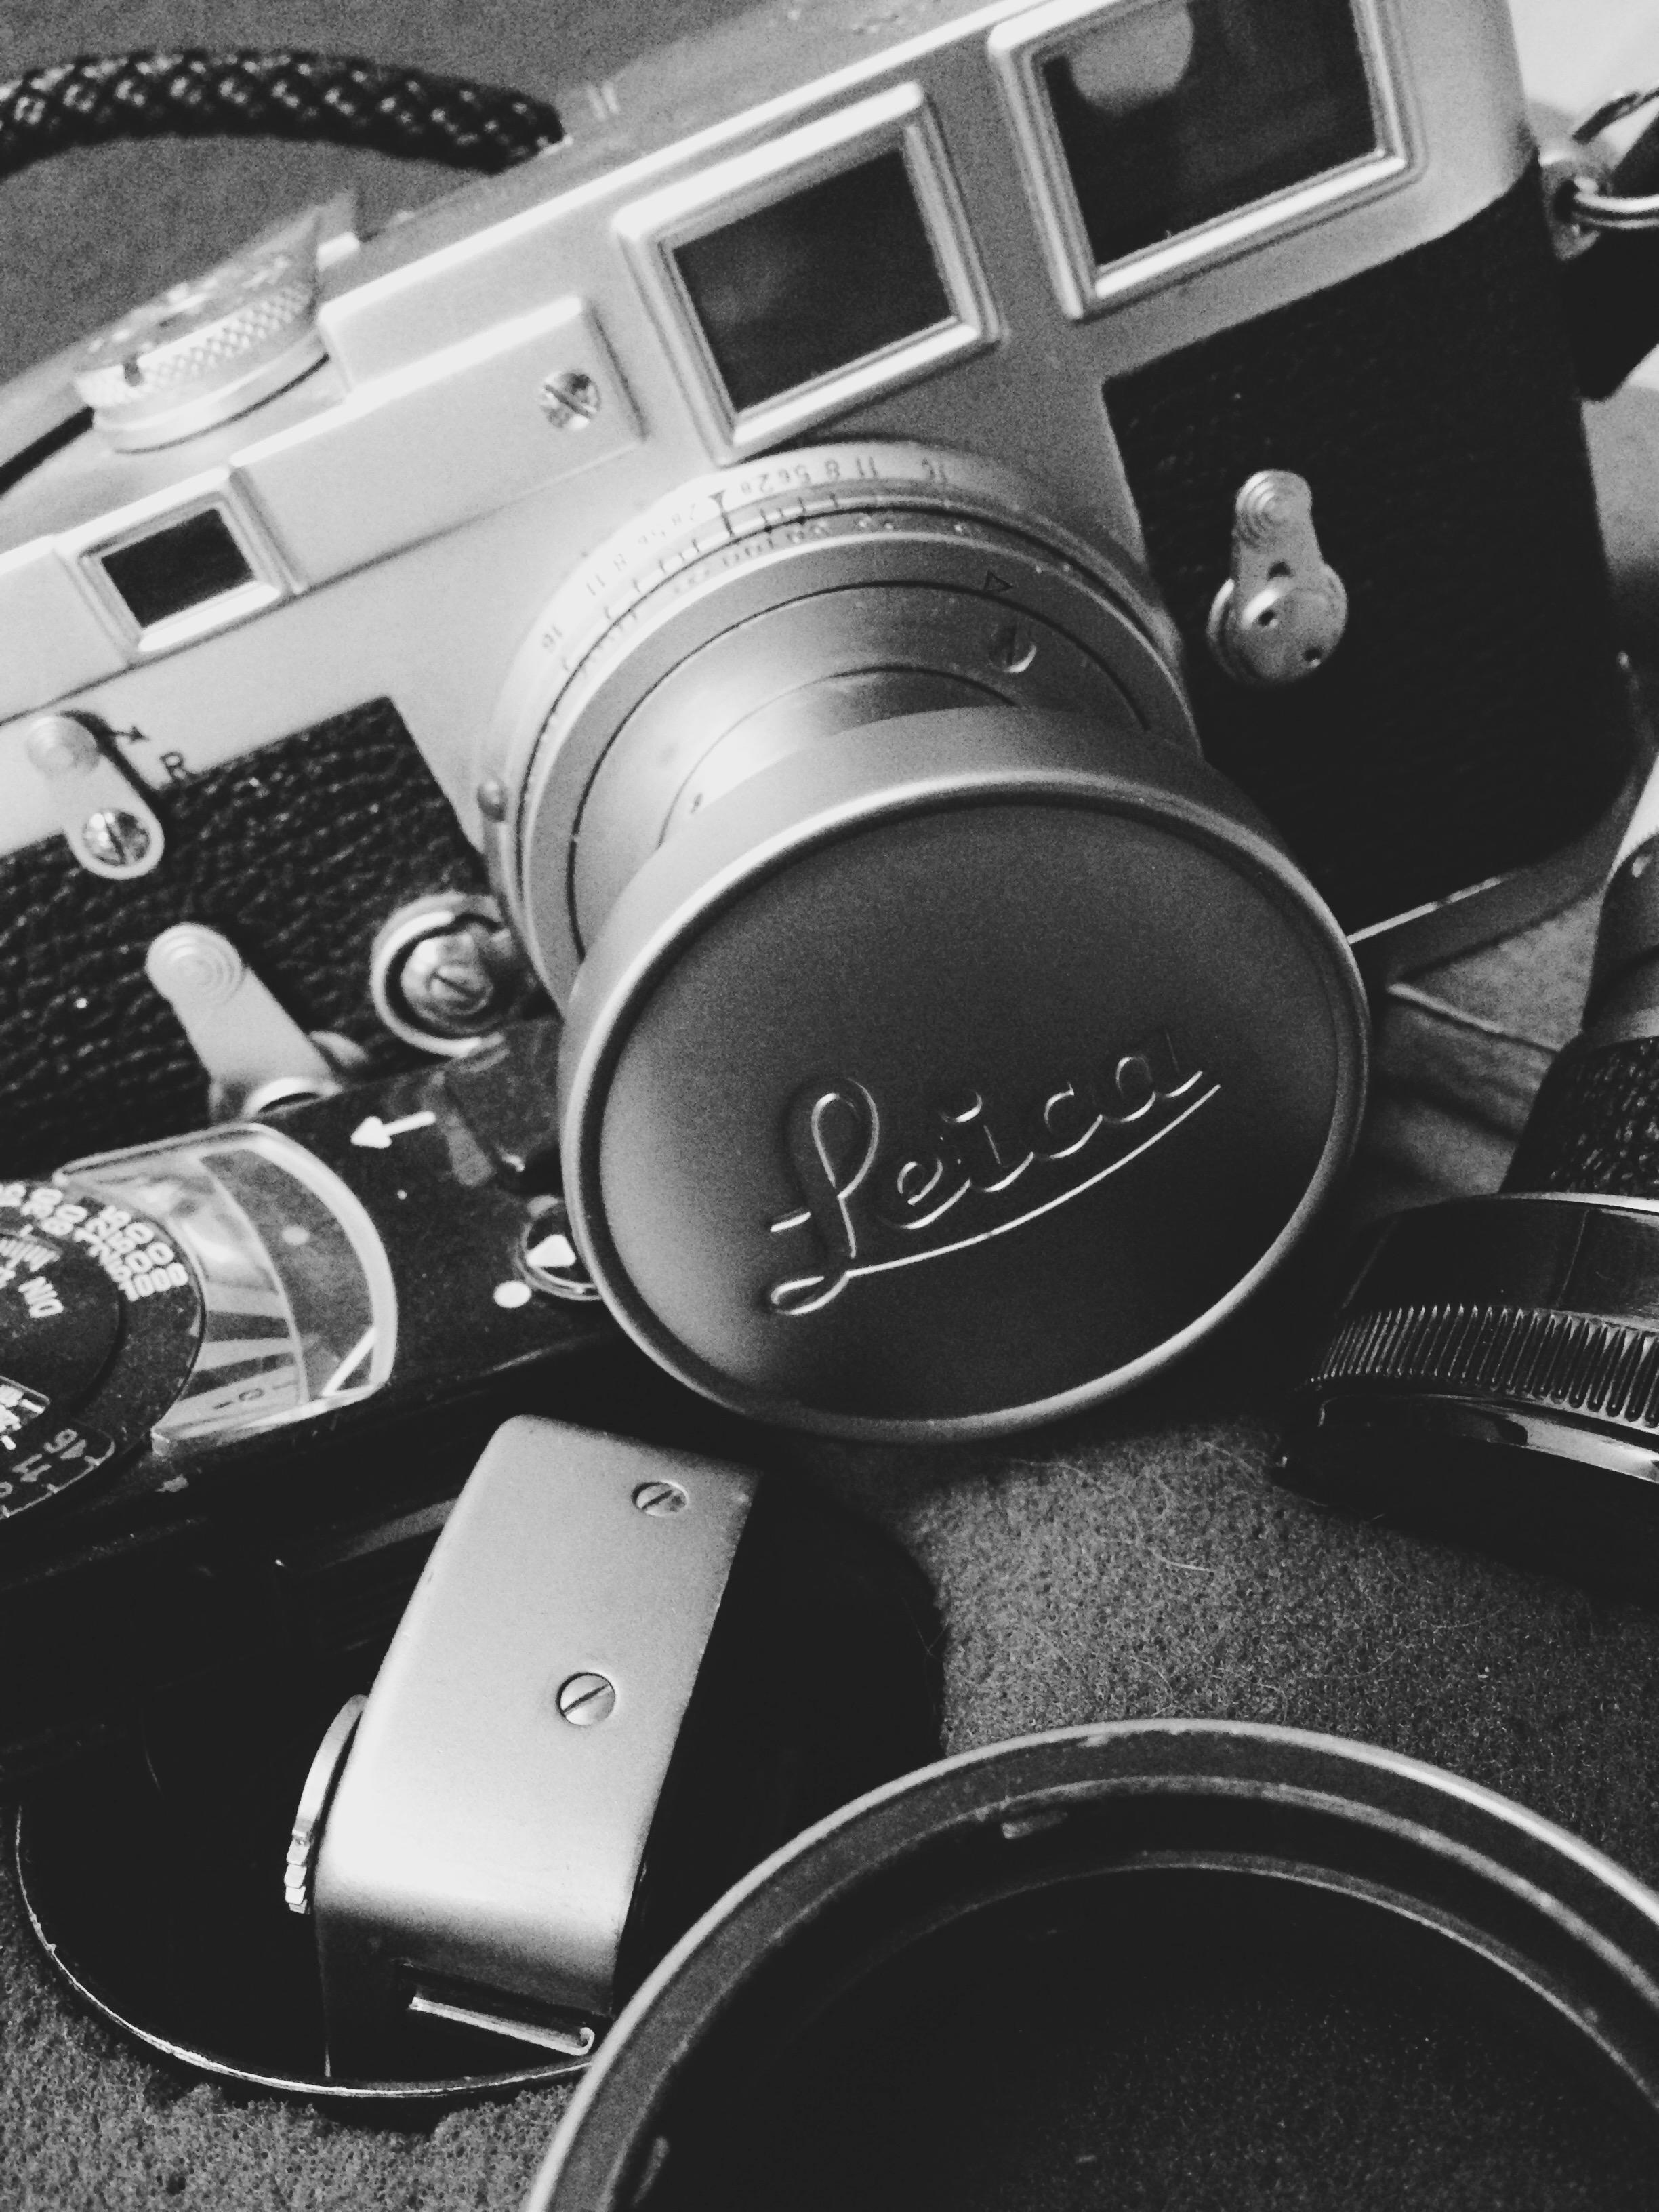 The Leica M3